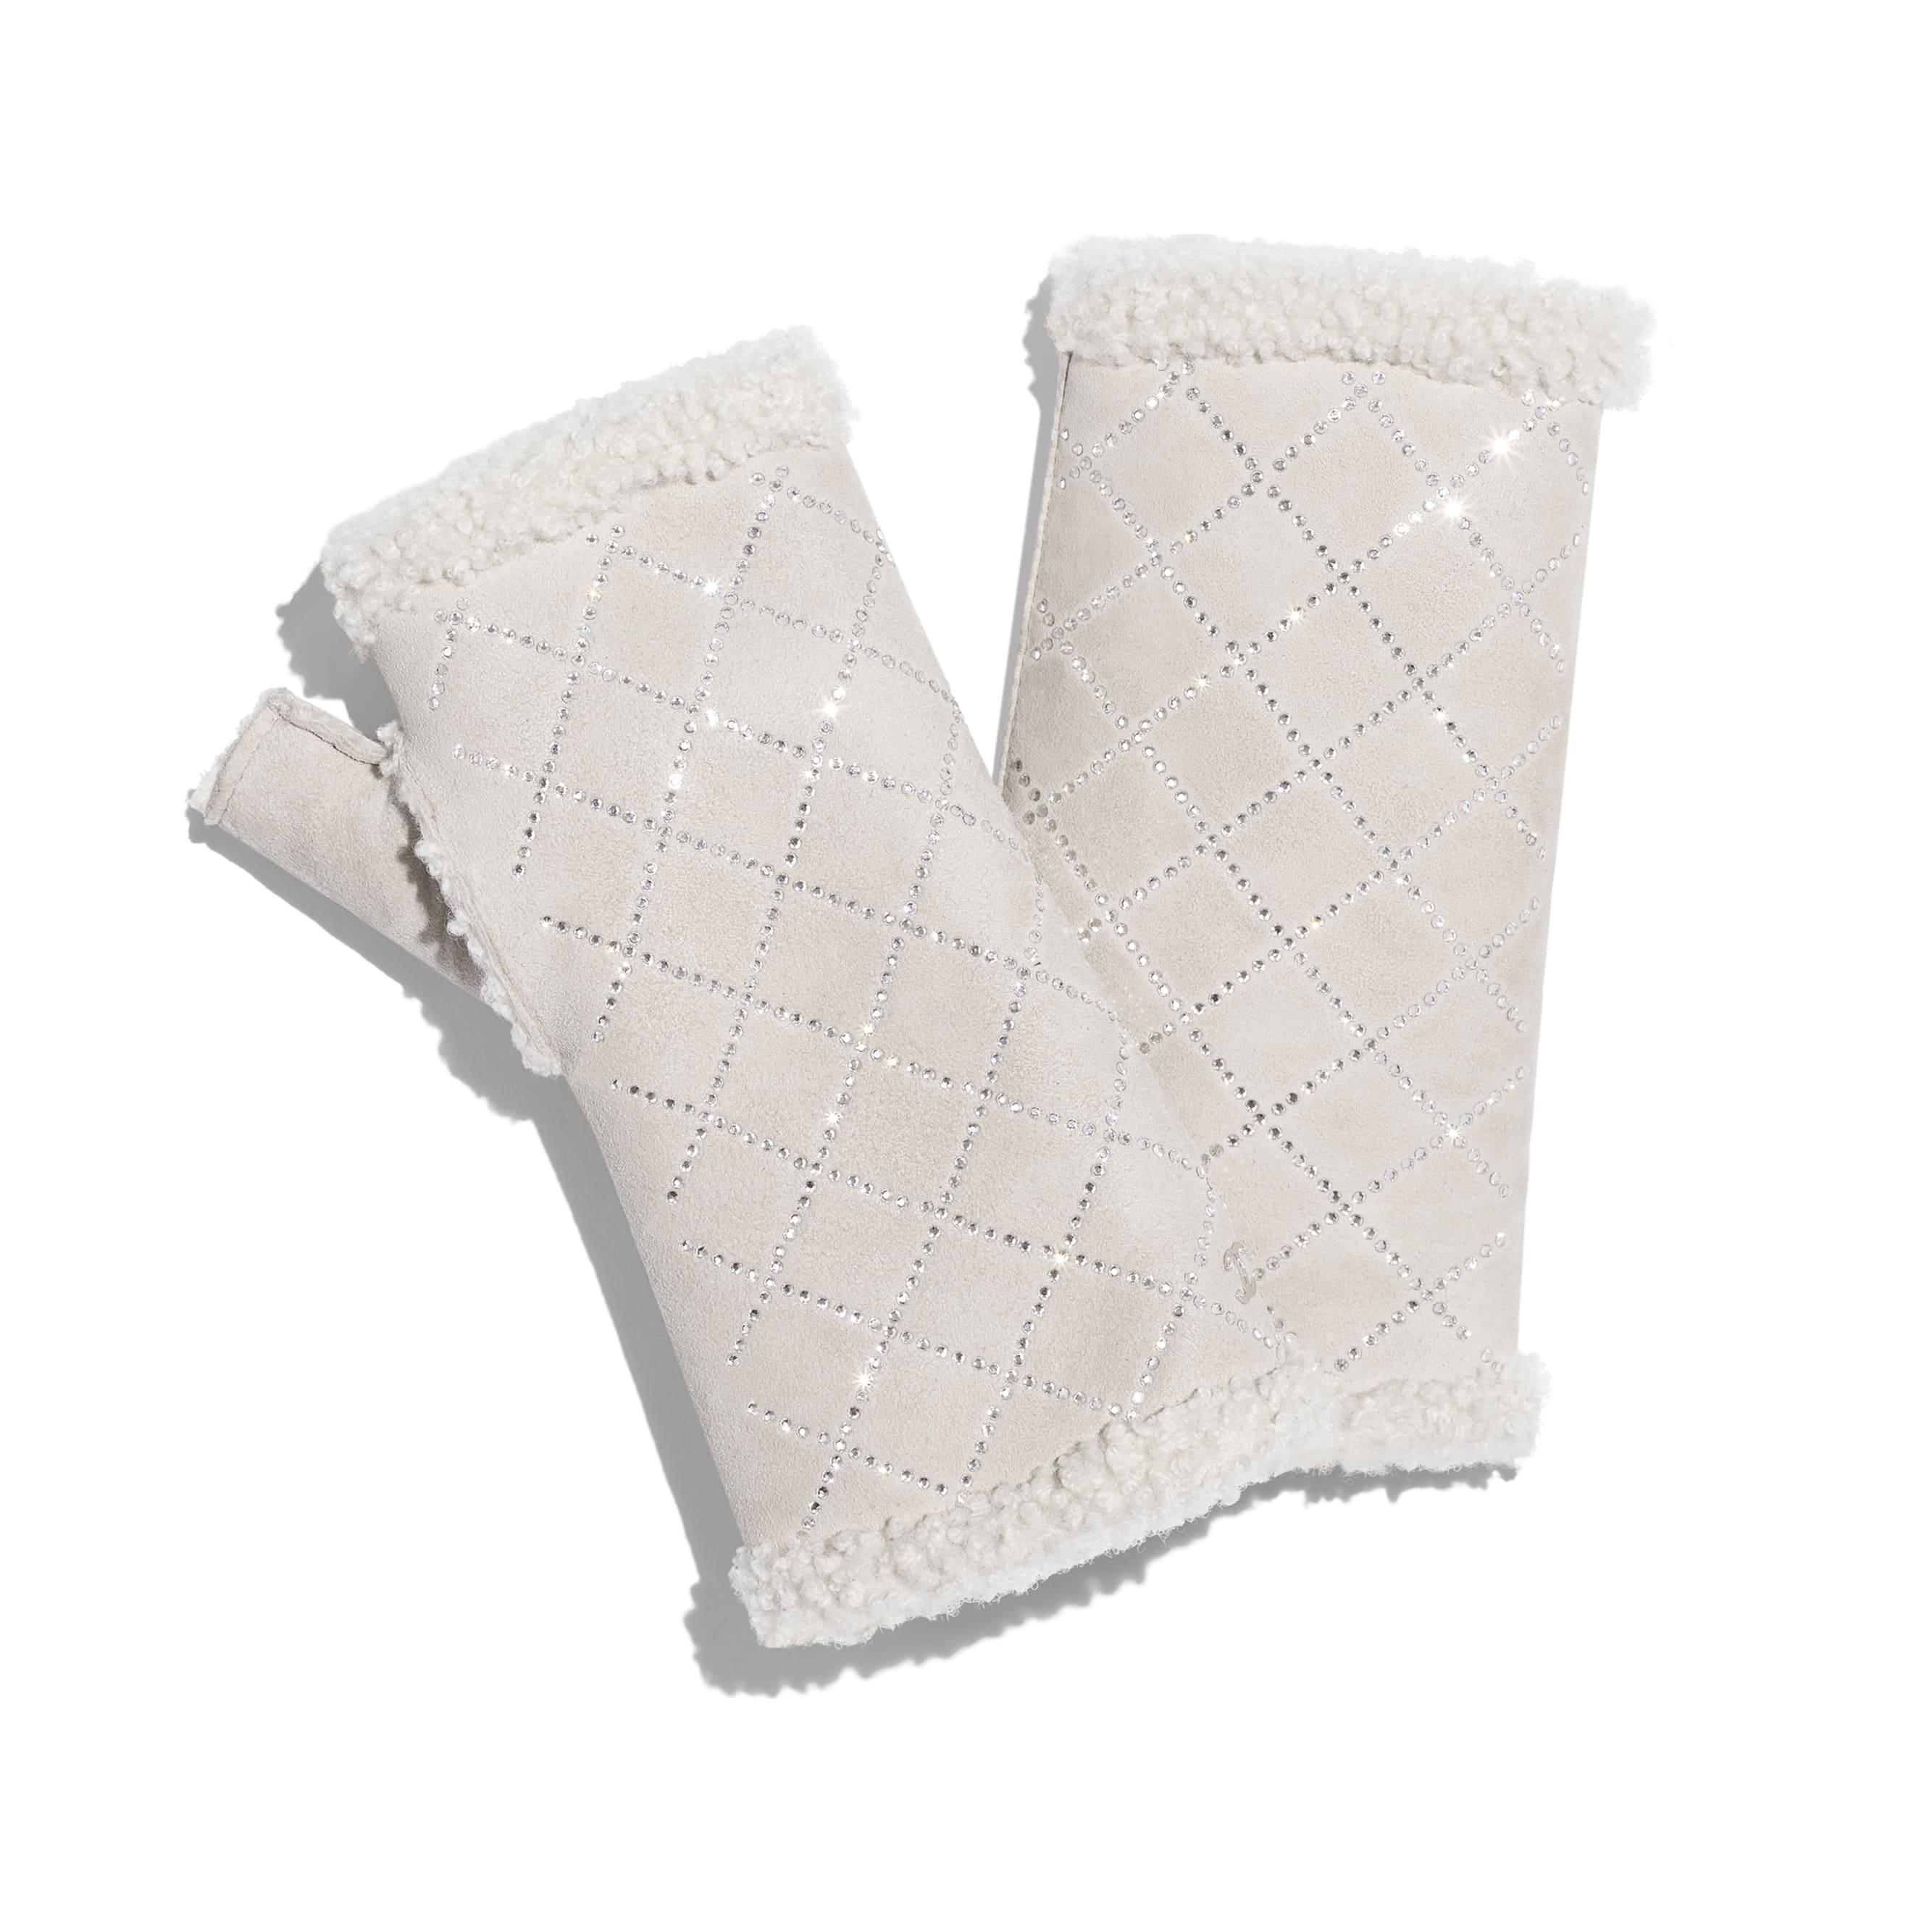 手套 - 象牙白 - 雙面剪羊毛 & 水鑽 - 預設視圖 - 查看標準尺寸版本